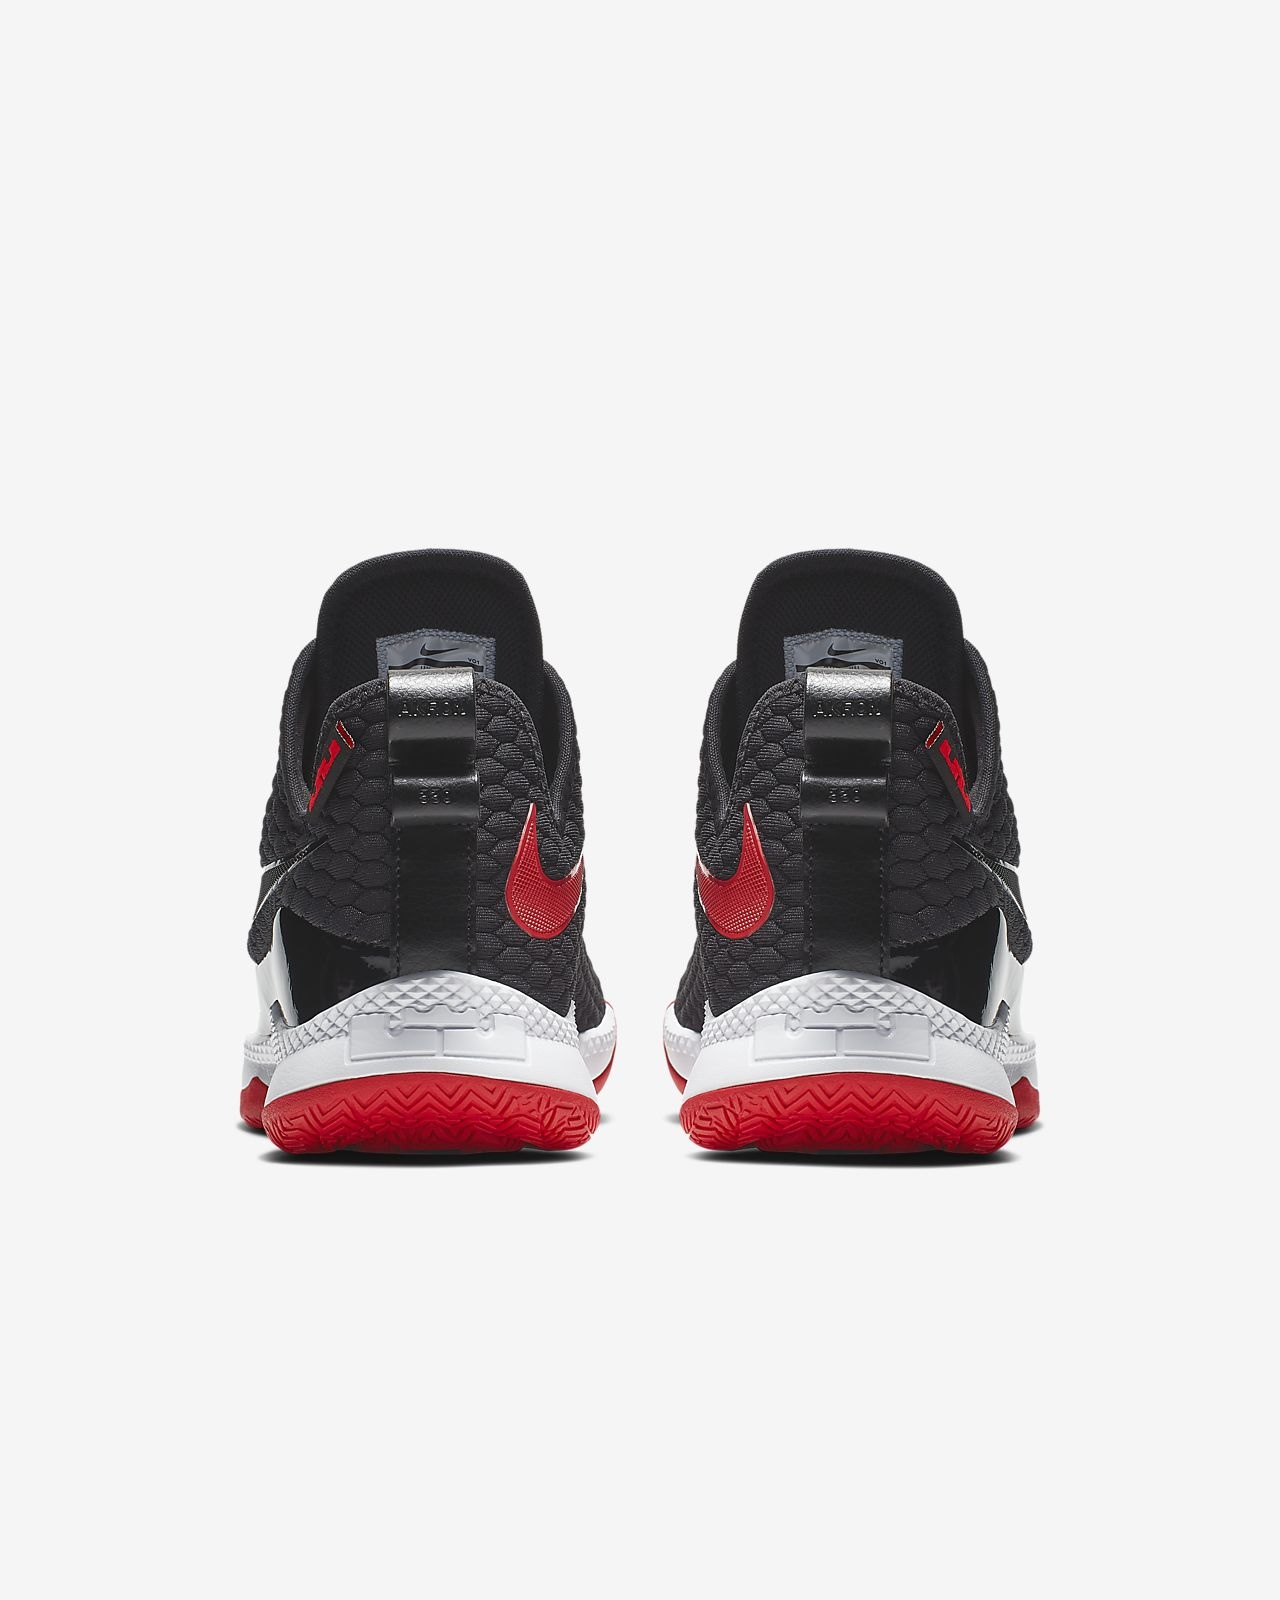 official photos 5a4c2 b7d28 ... Chaussure de basketball LeBron Witness III PRM